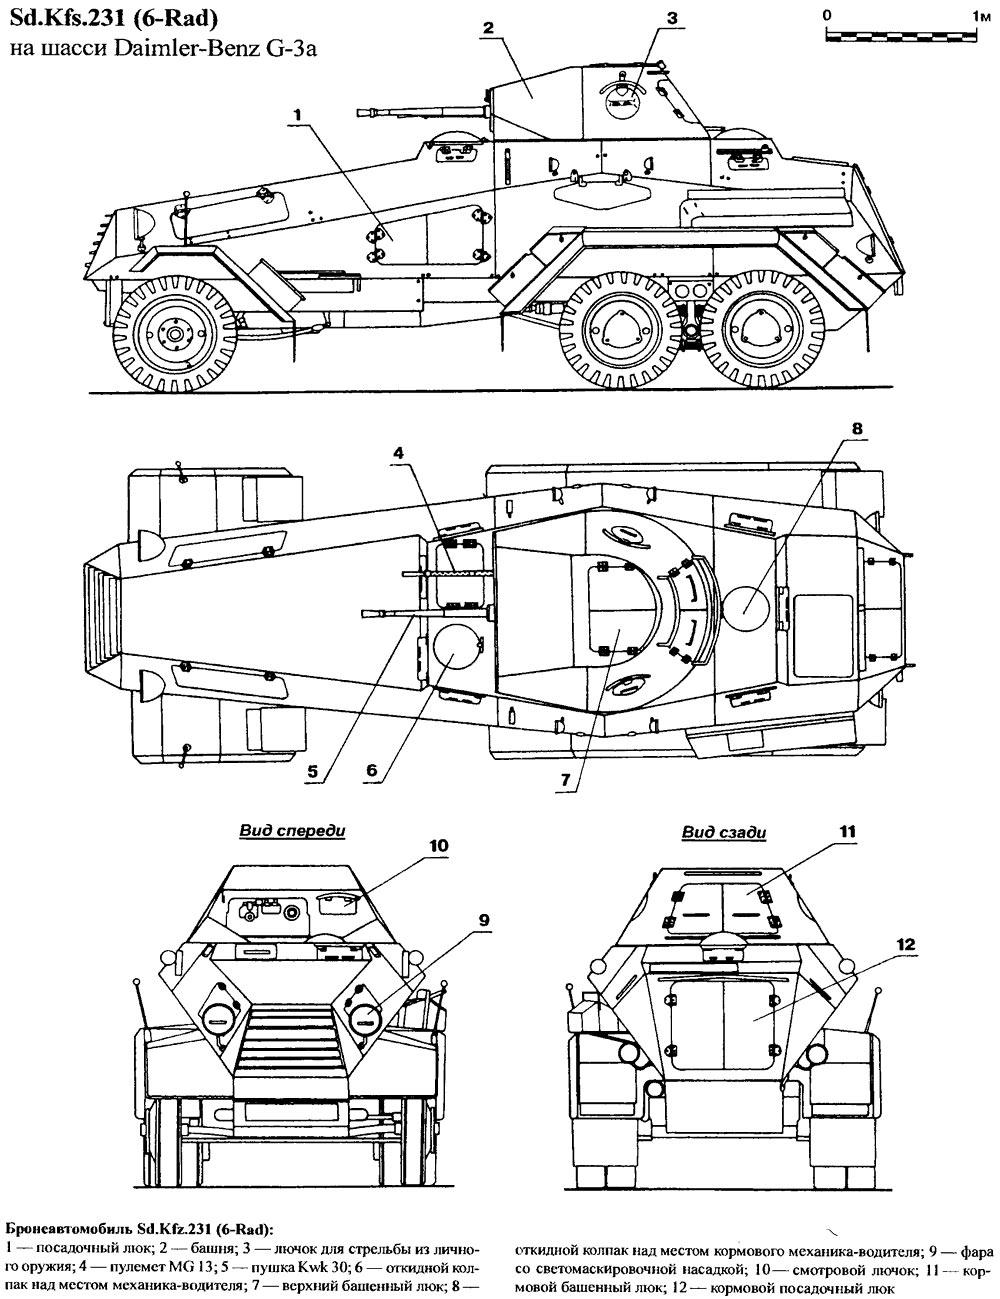 Чертеж бронеавтомобиля Sd Kfz 231